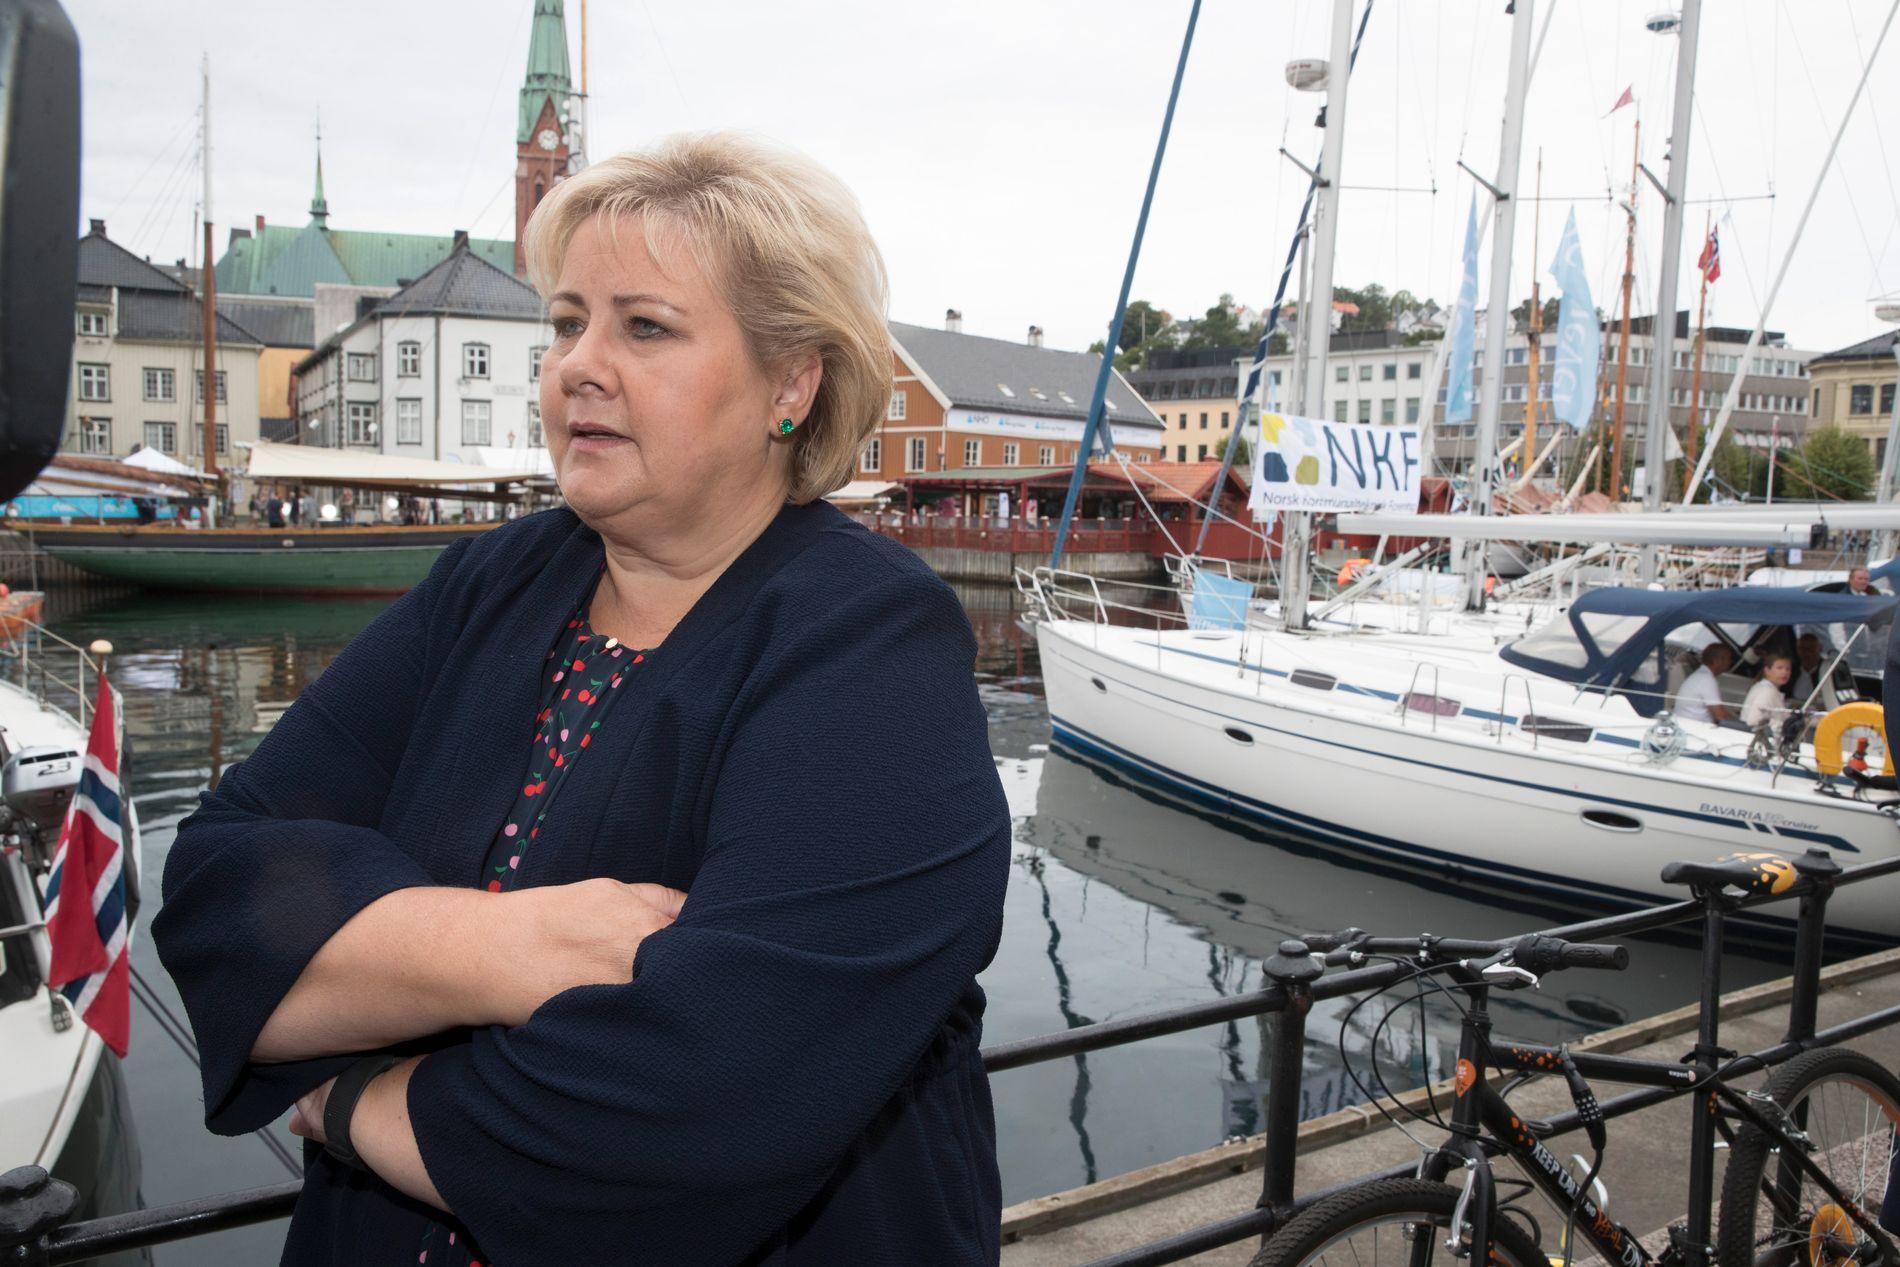 KRITISK: Statsminister Erna Solberg (H) omtala journalistane som «blodtørstige», men det media har gjort er å søkje innsyn og be om svar, meiner Bergens Tidende.